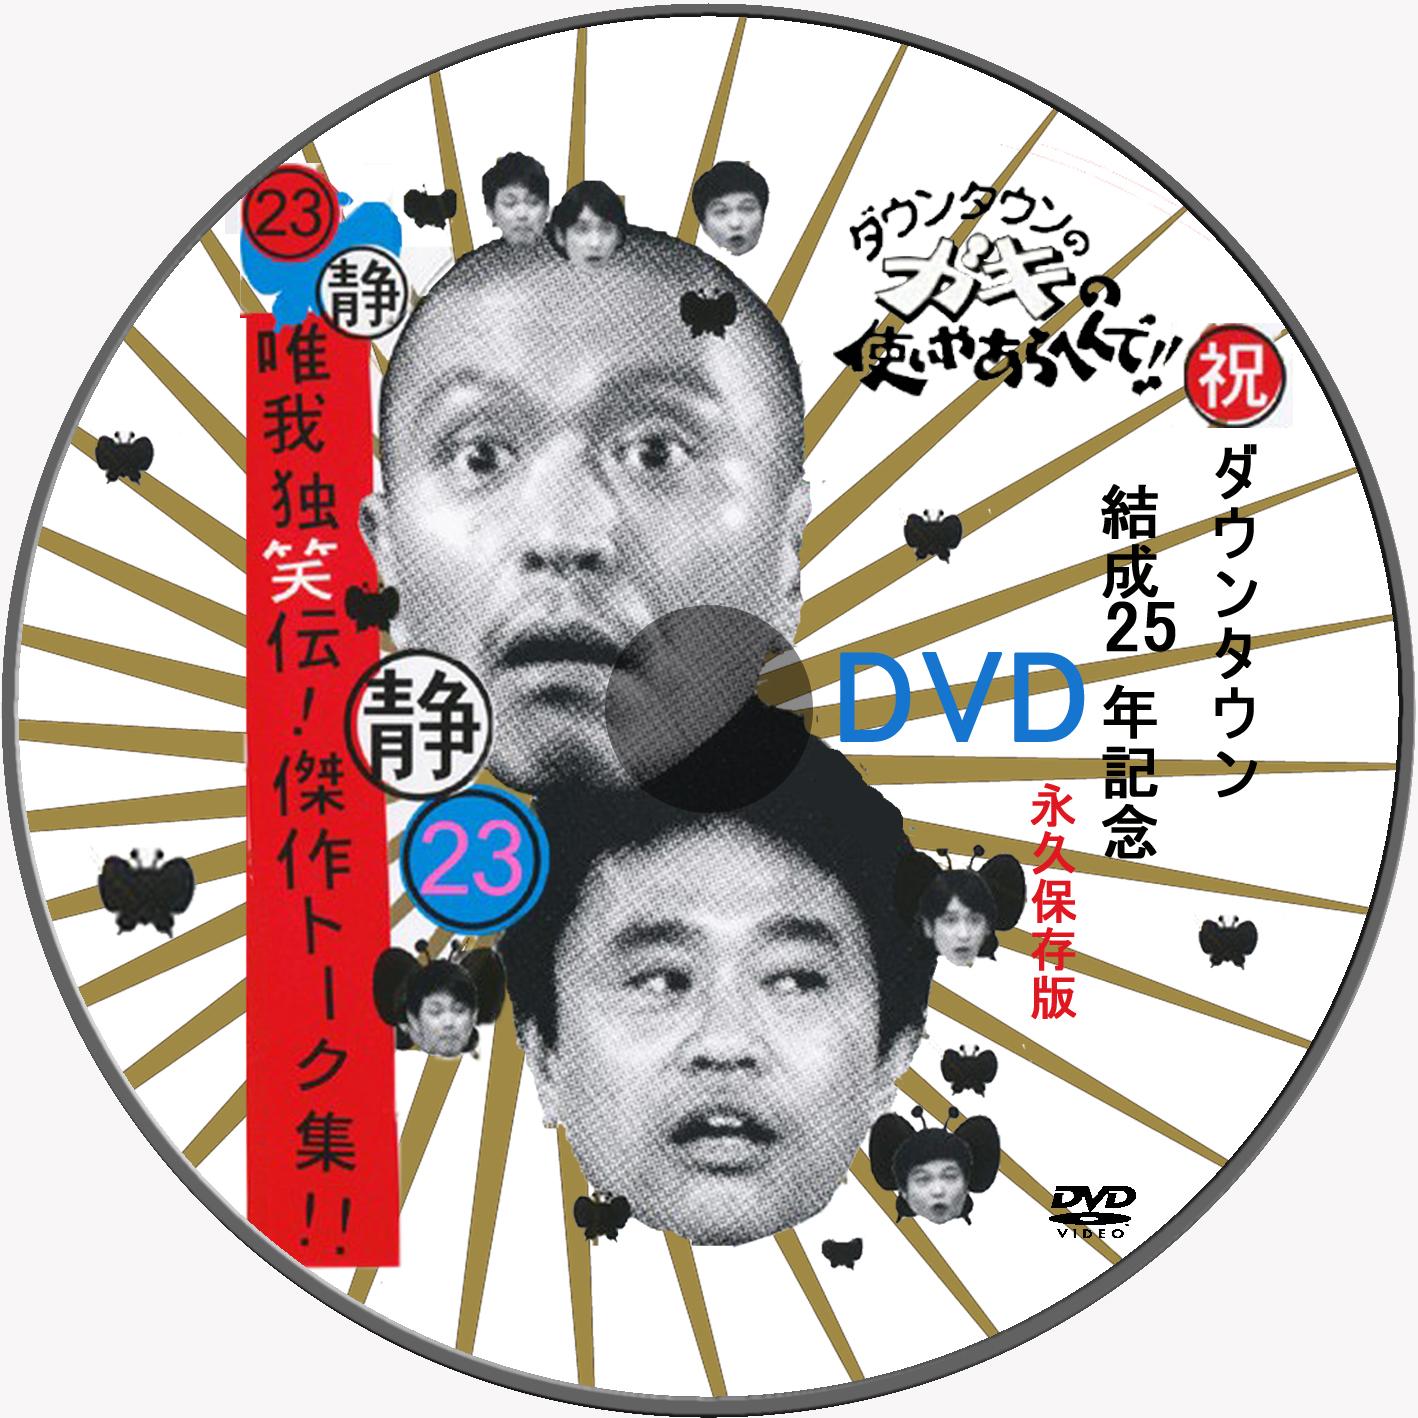 やまっちのお気楽 DVD/CDラベルダウンタウンのガキの使いやあらへんで!!